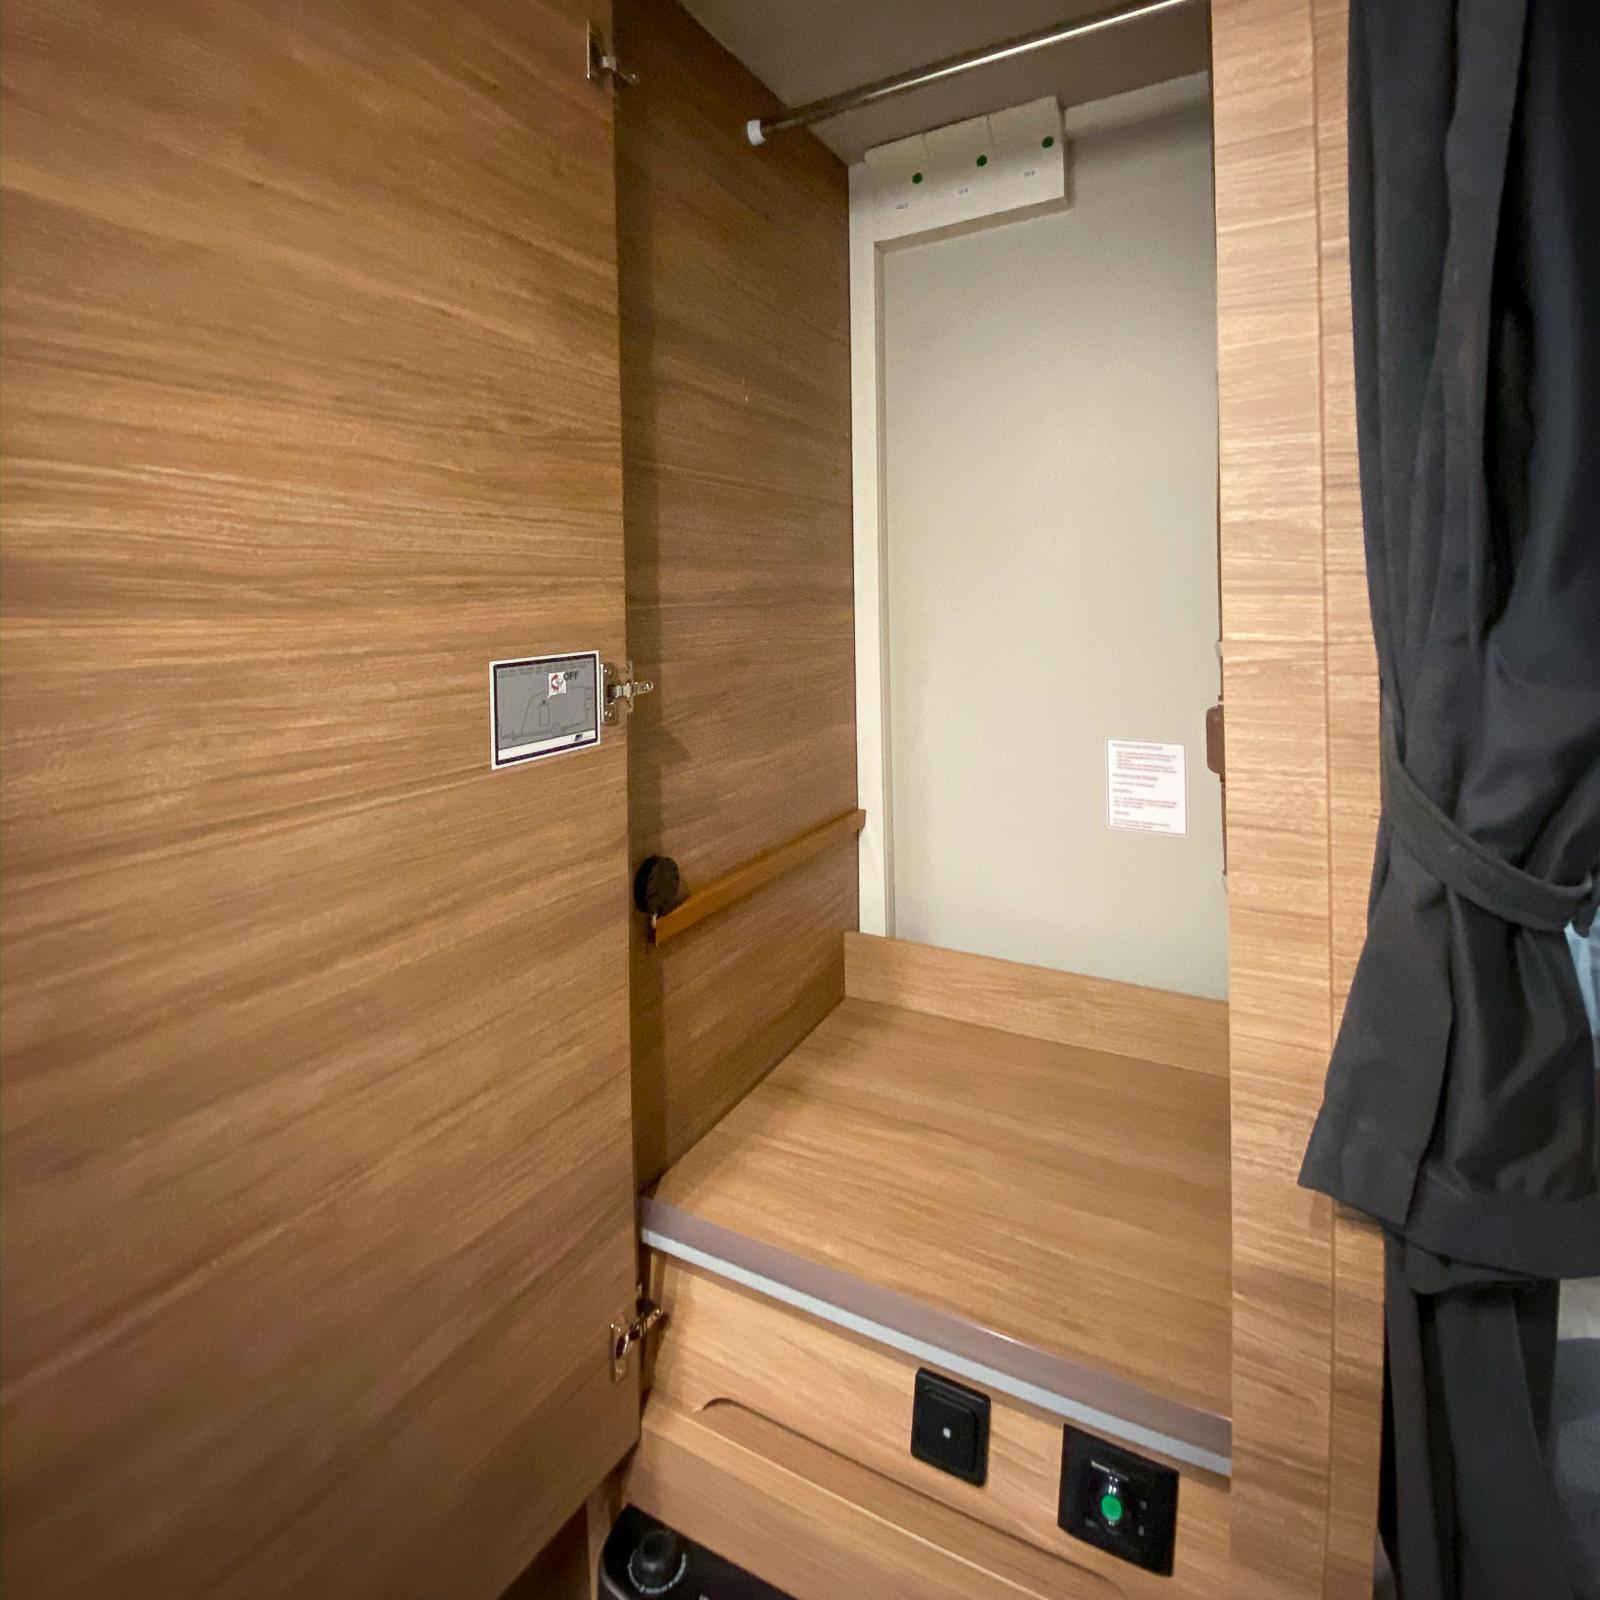 Garderoben passar för upphängning av kläder på galge.